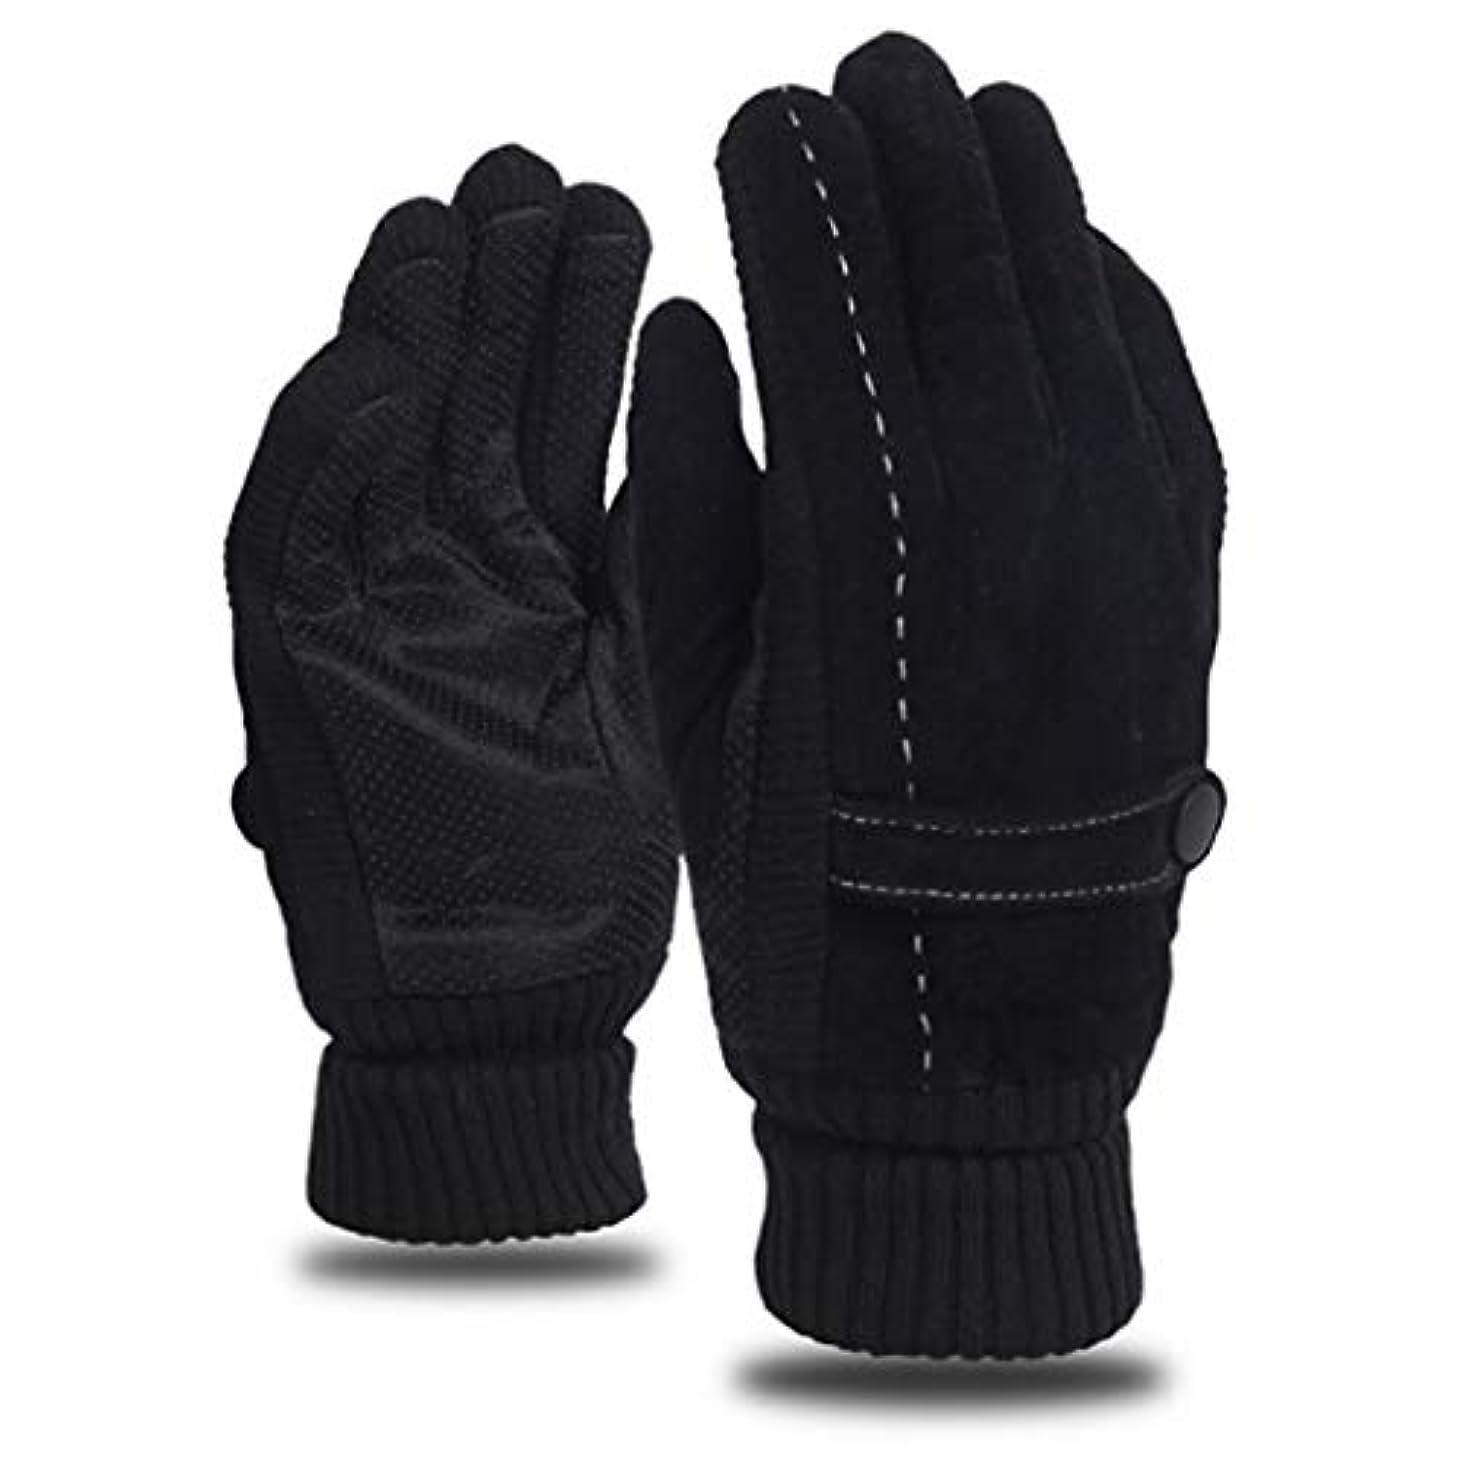 頼むレンズ血色の良いレザーグローブメンズウィンライディングプラスベルベット厚手暖かいドライビングアウトドアオートバイ防風コールドノンスリップメンズコットン手袋 (色 : 黒)